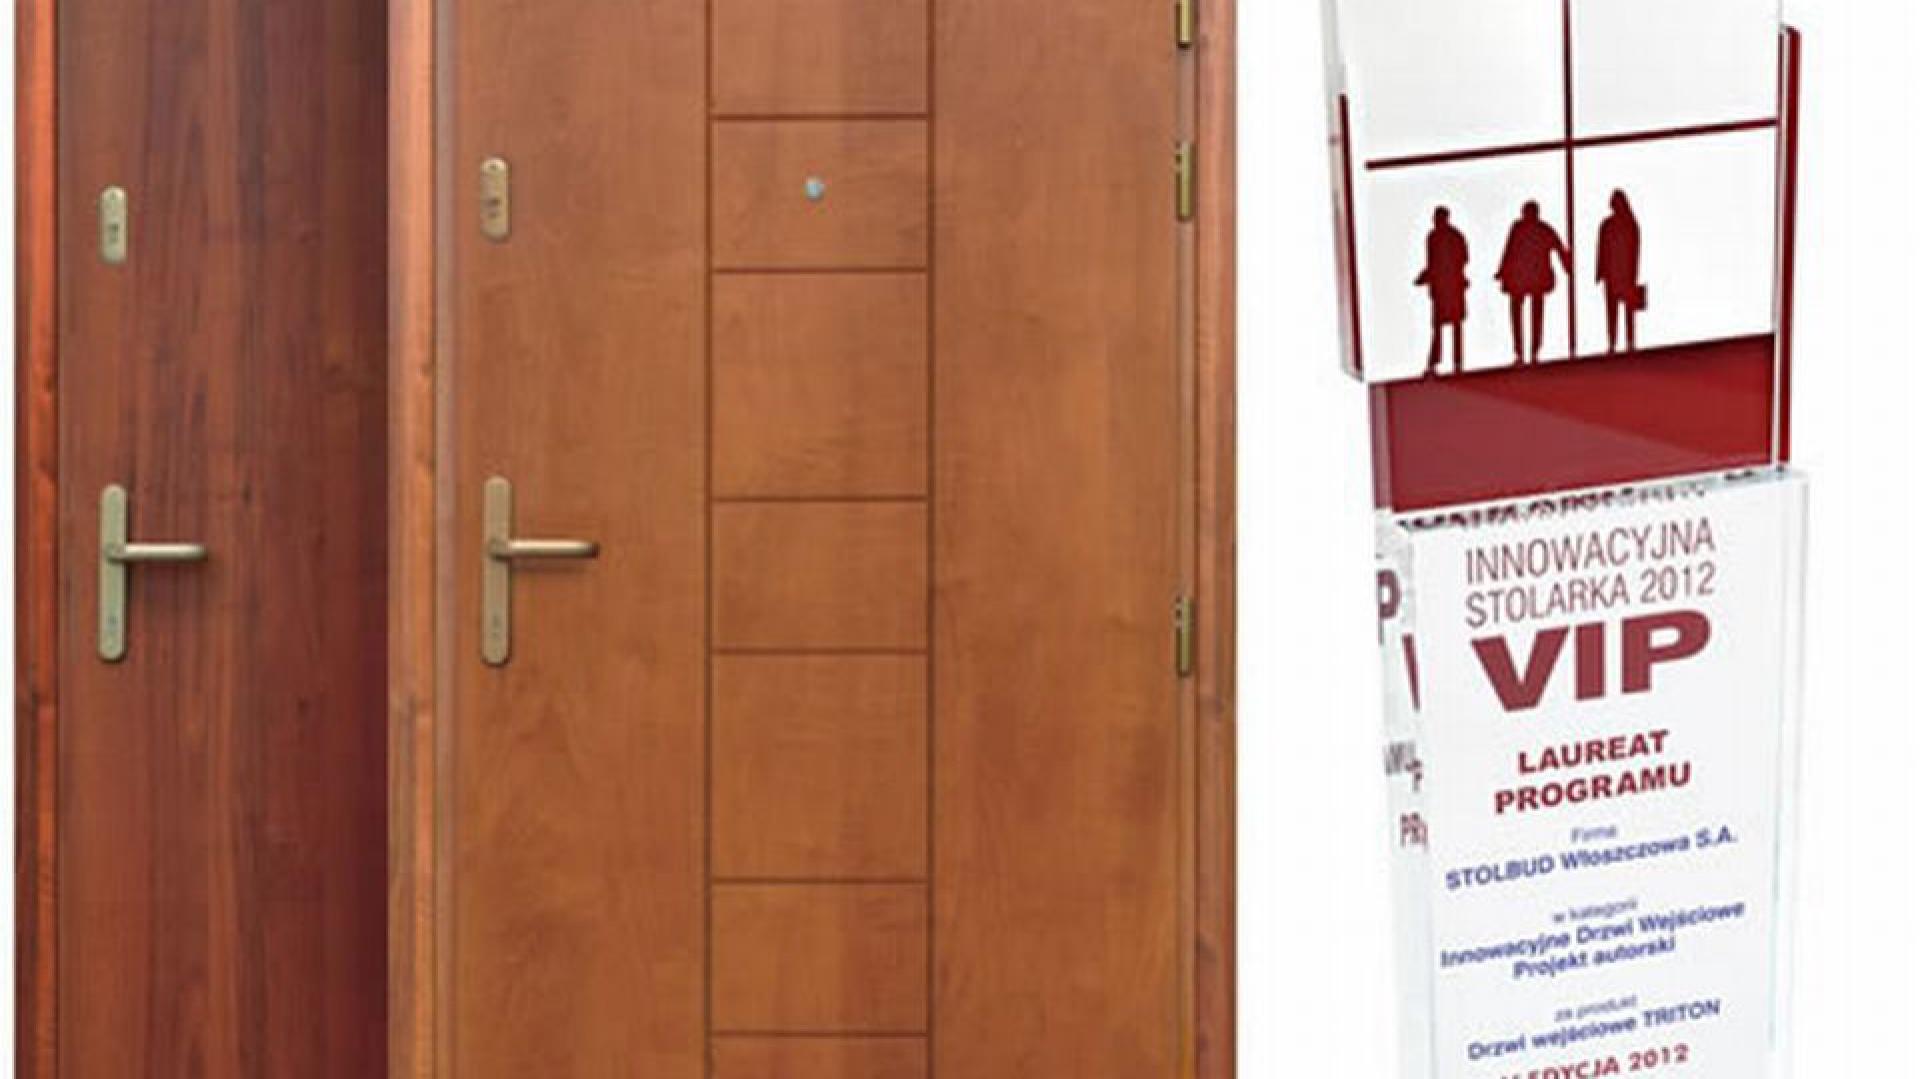 Fot. 4 Drzwi Stolbudu Włoszczowa seria Triton oferowane przez BCMB (Białystok, Wschodni Klaster Budowlany).jpg